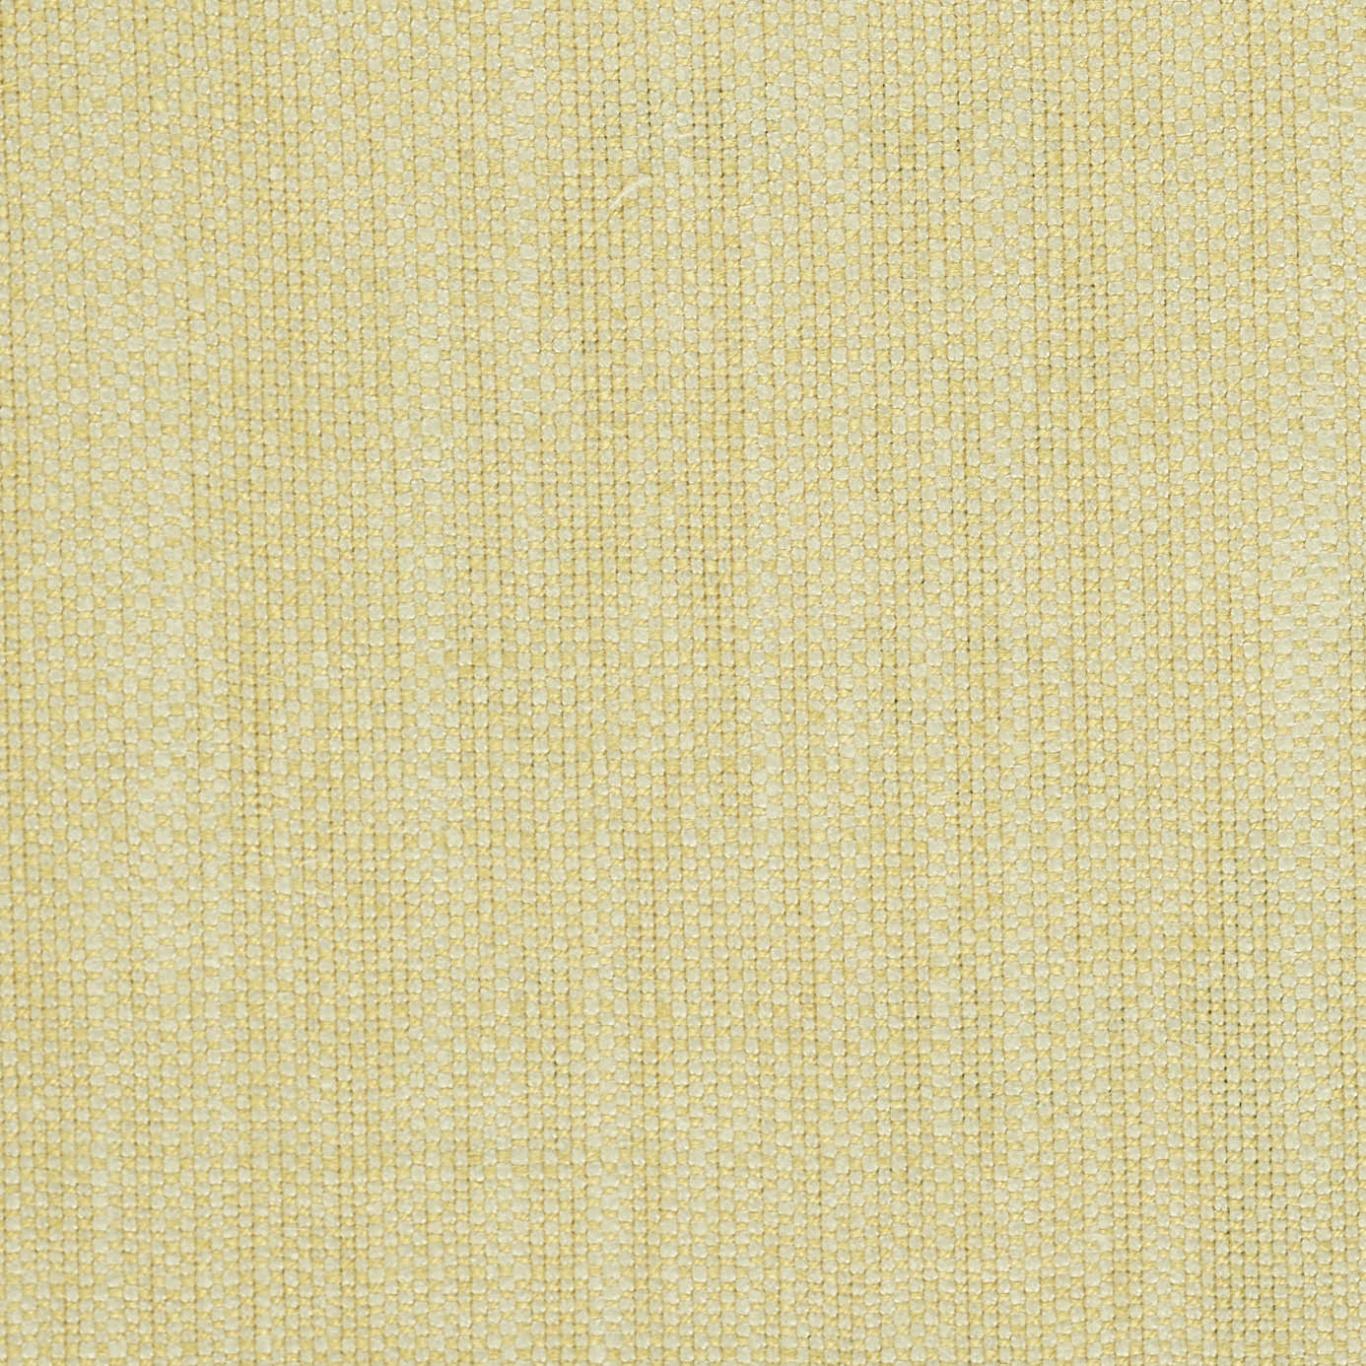 Image of Harlequin Atom Honeysuckle Fabric 440008